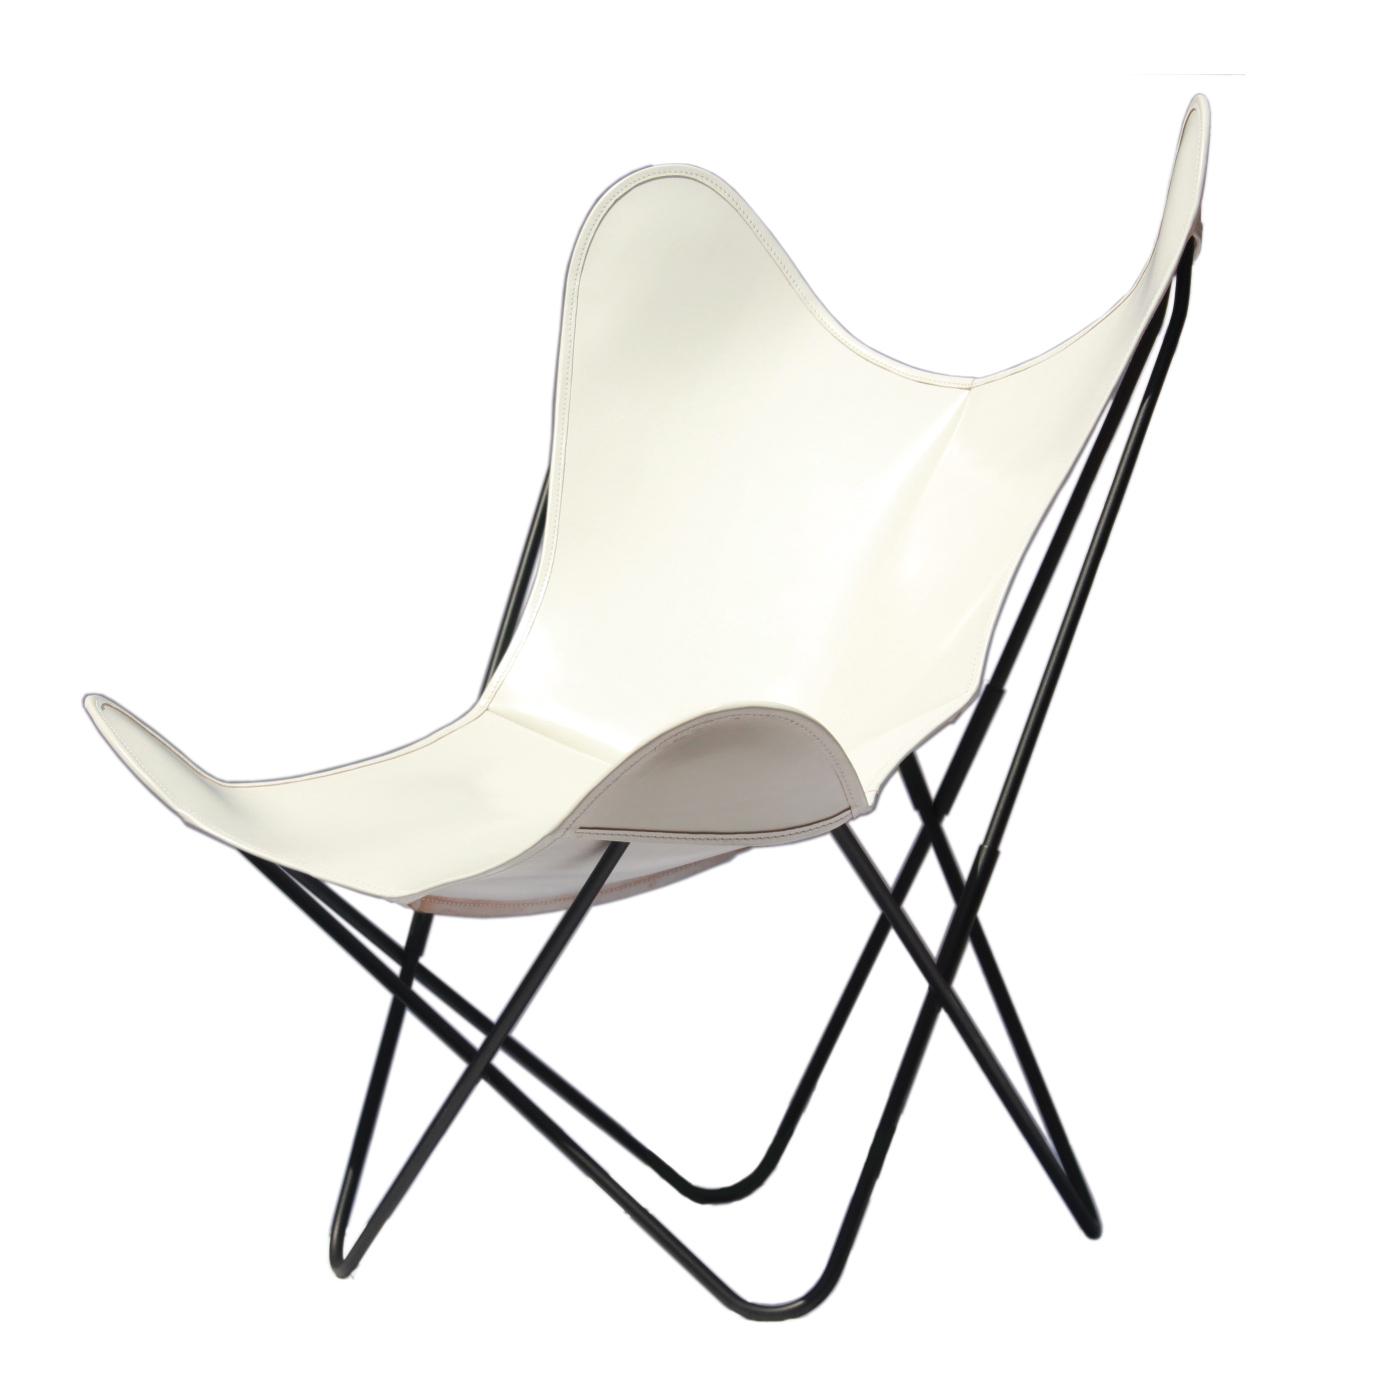 airborne butterfly chair van captain chairs sophia loren in jungen jahren d33blog